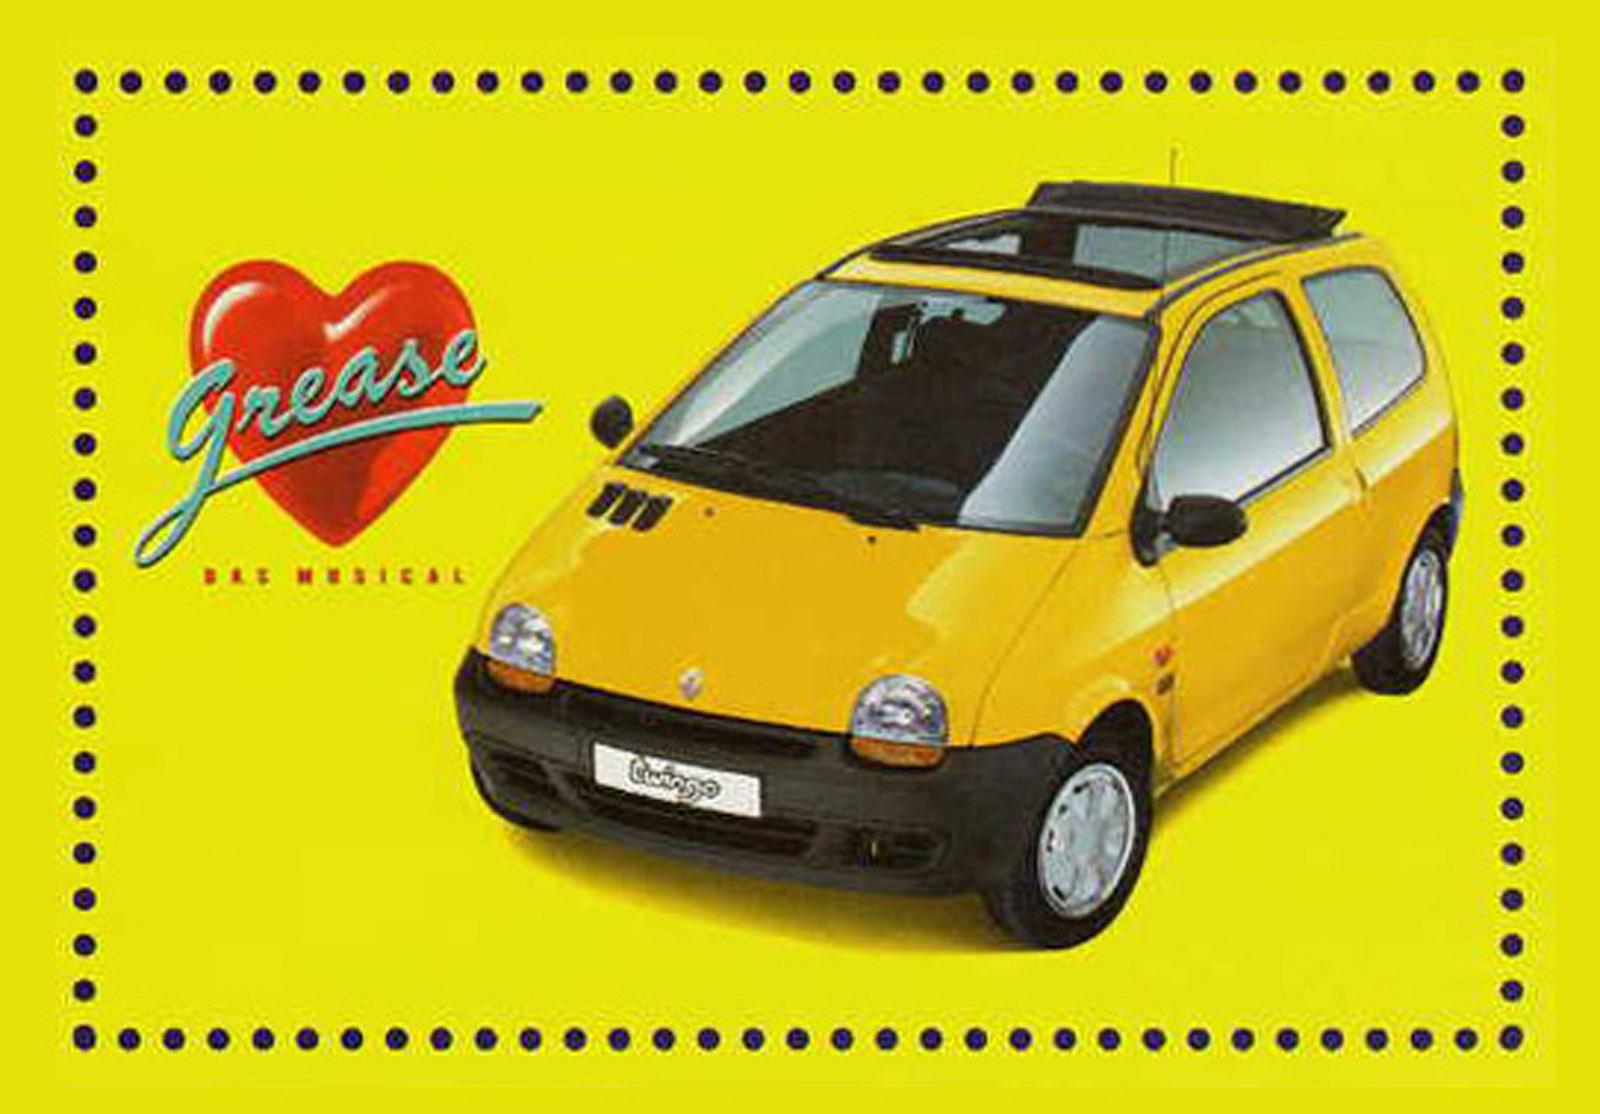 La Renault Twingo a 25 ans, partie 3/10 : La citadine aux 7 collections - Le Nouvel Automobiliste